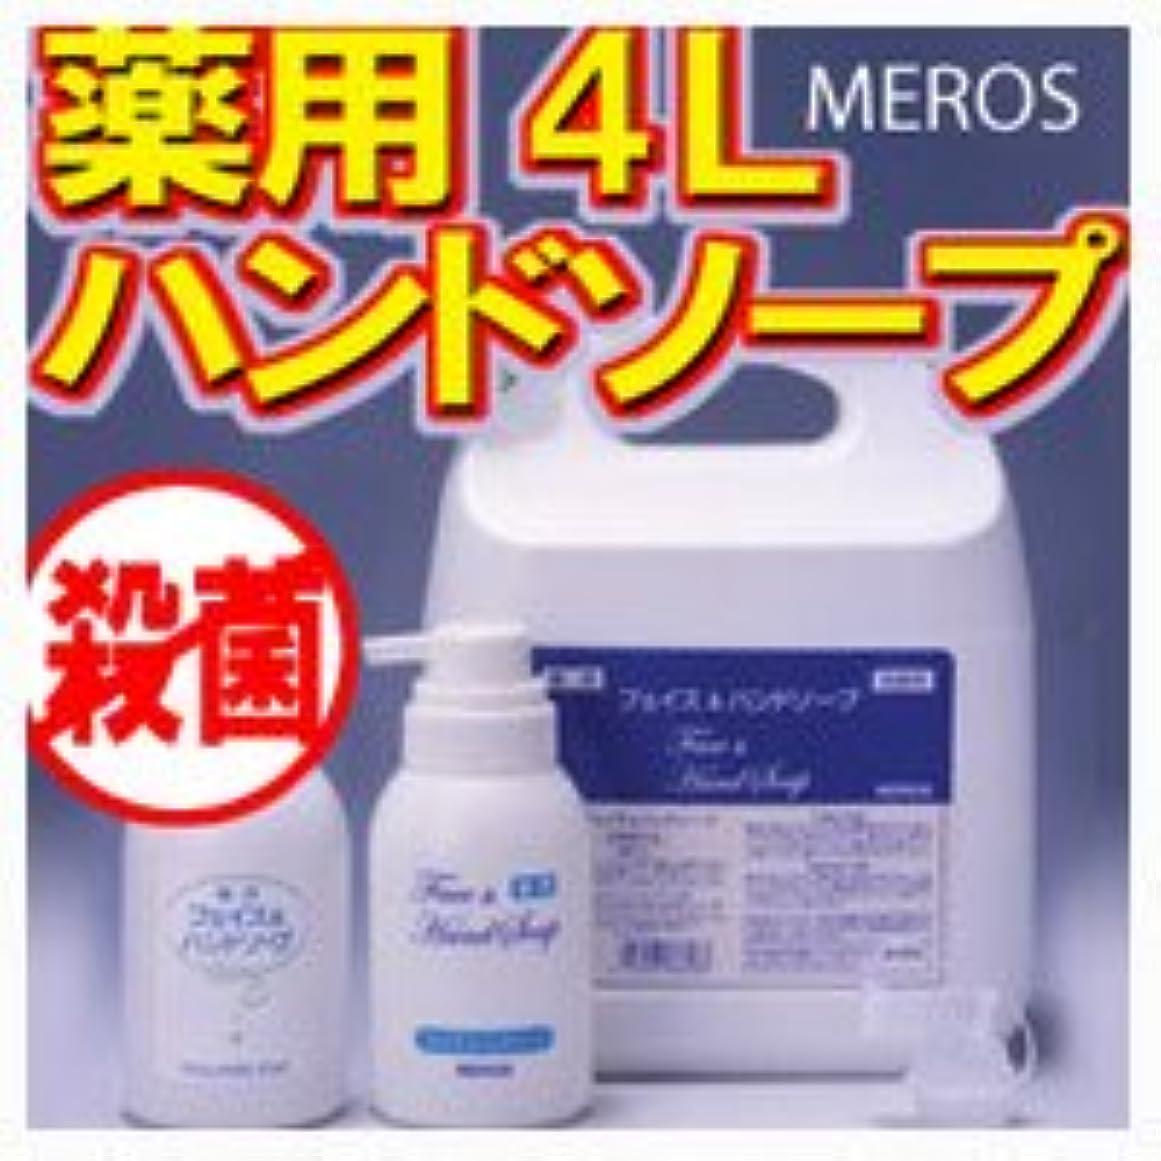 コンチネンタル食べるテスピアンメロス 薬用ハンドソープ 4L 【泡ポンプボトル付き】